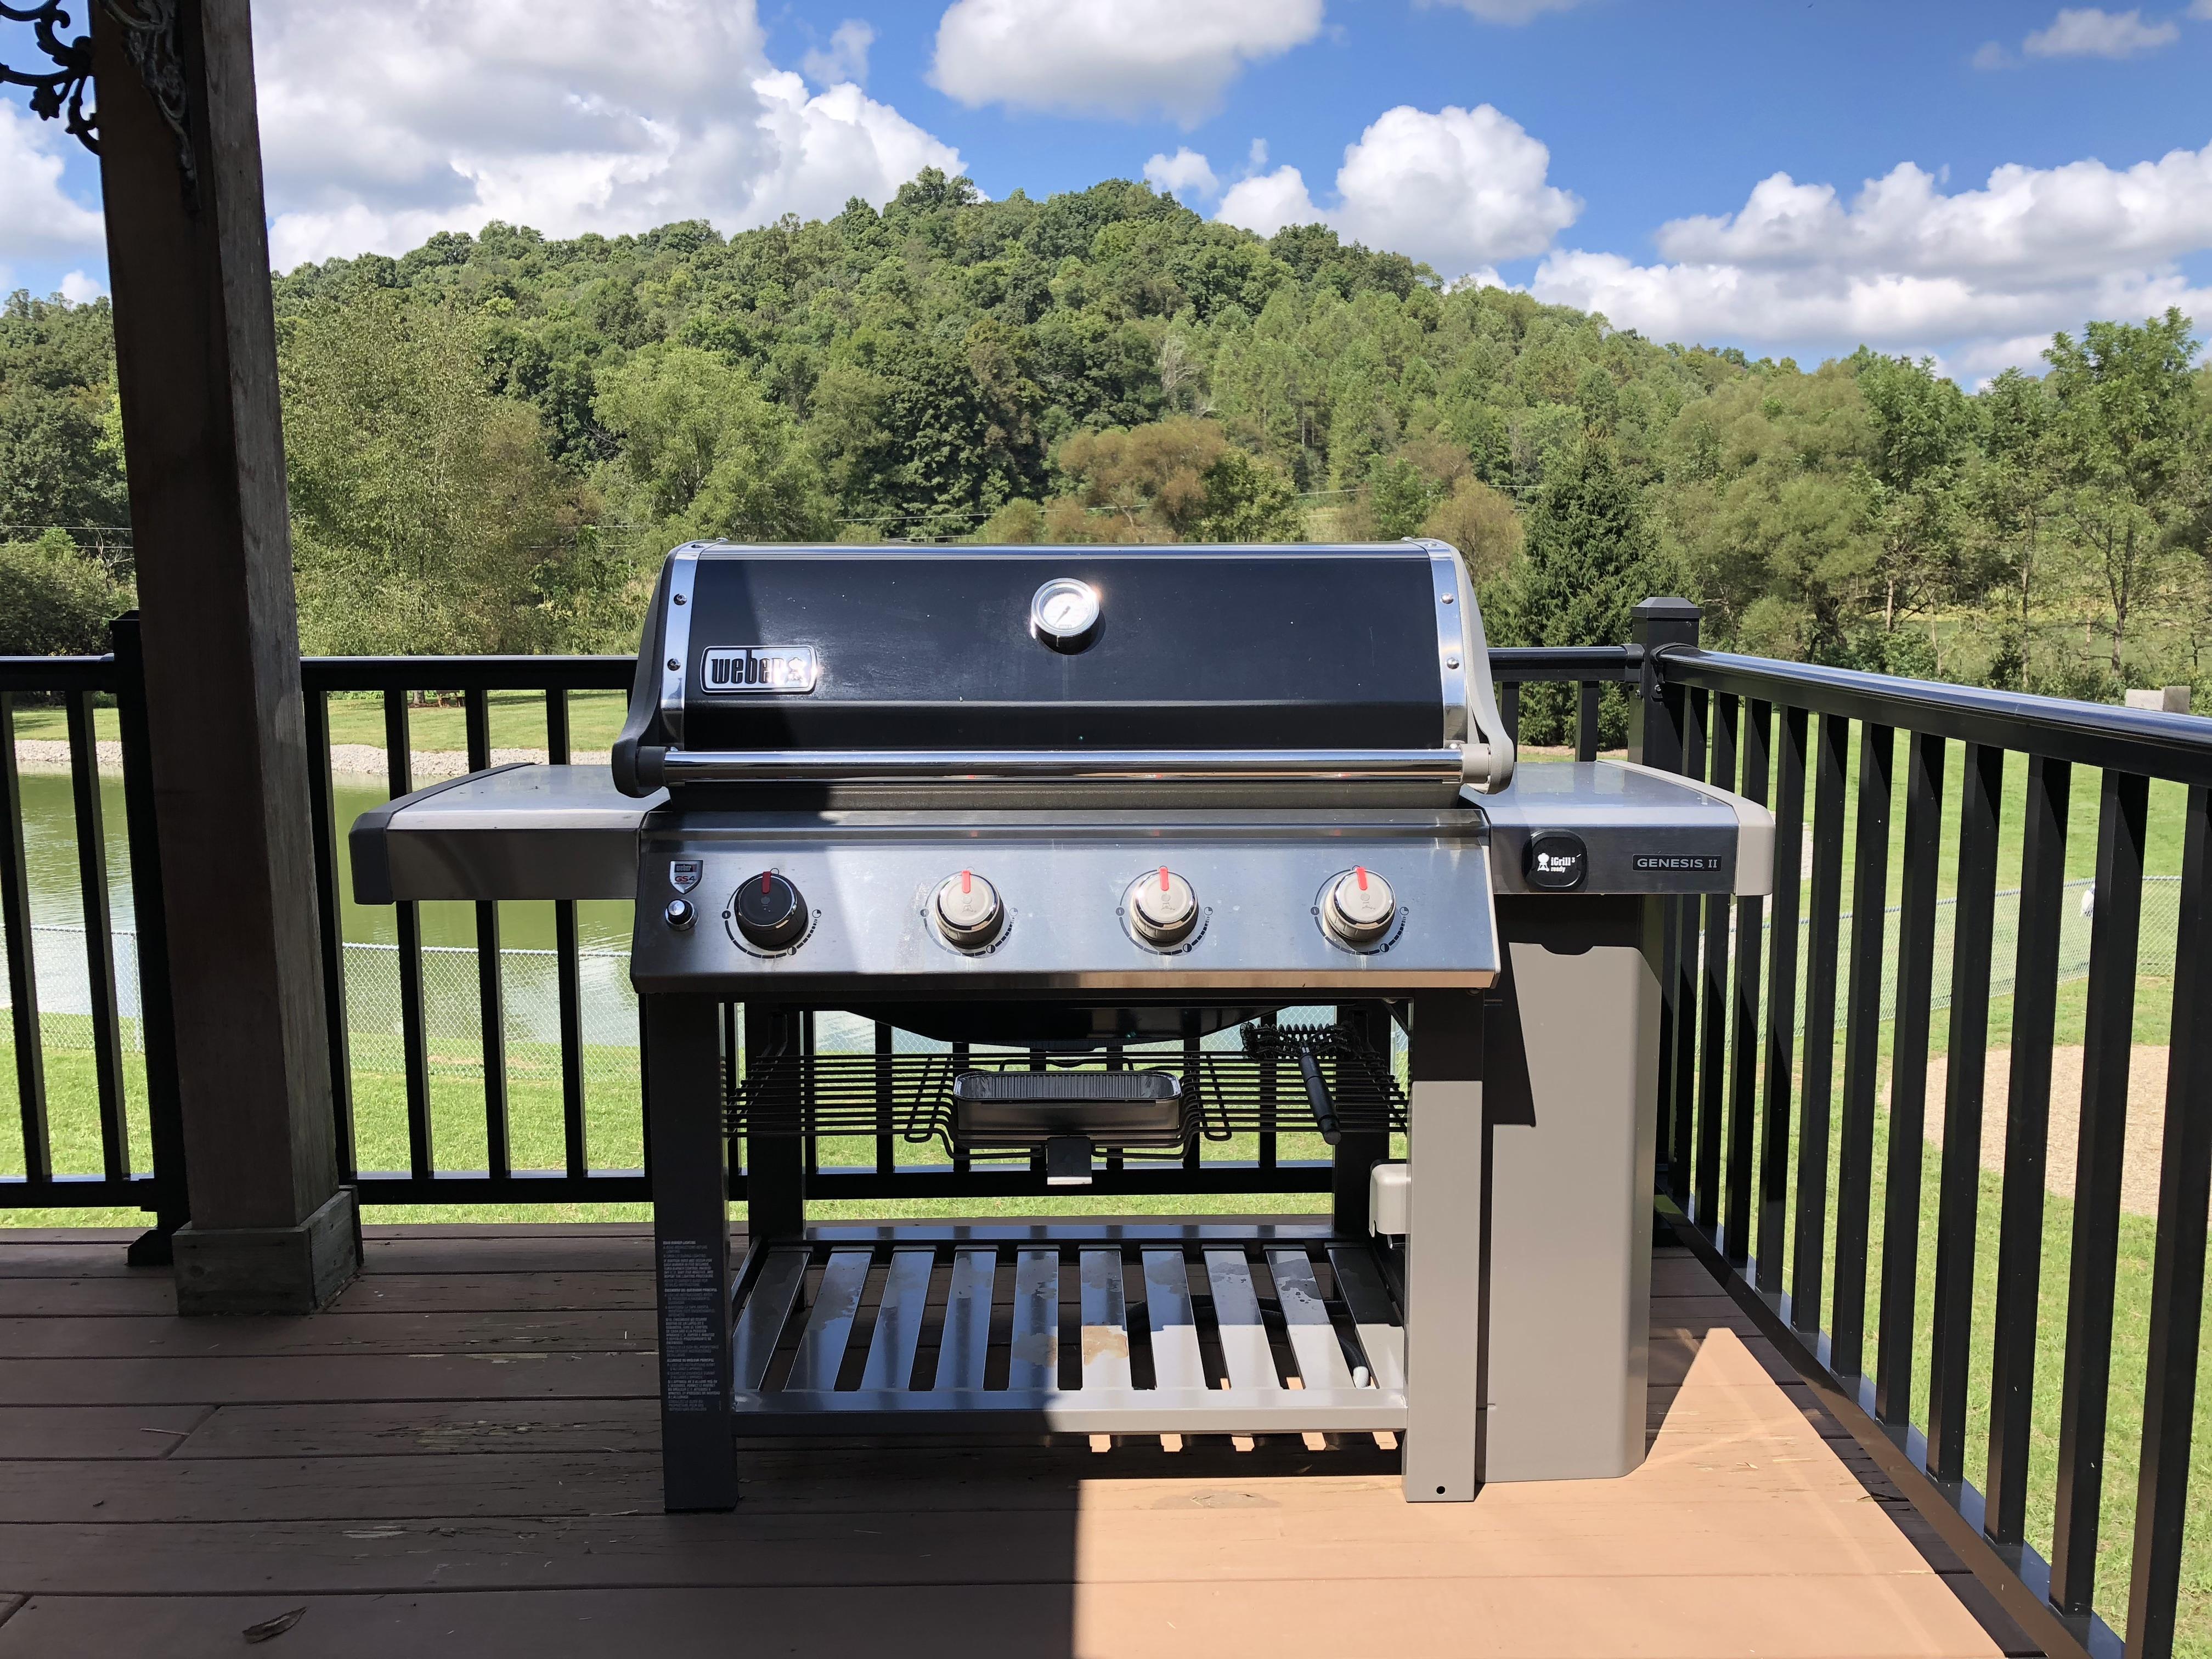 4-burner Weber gas grill